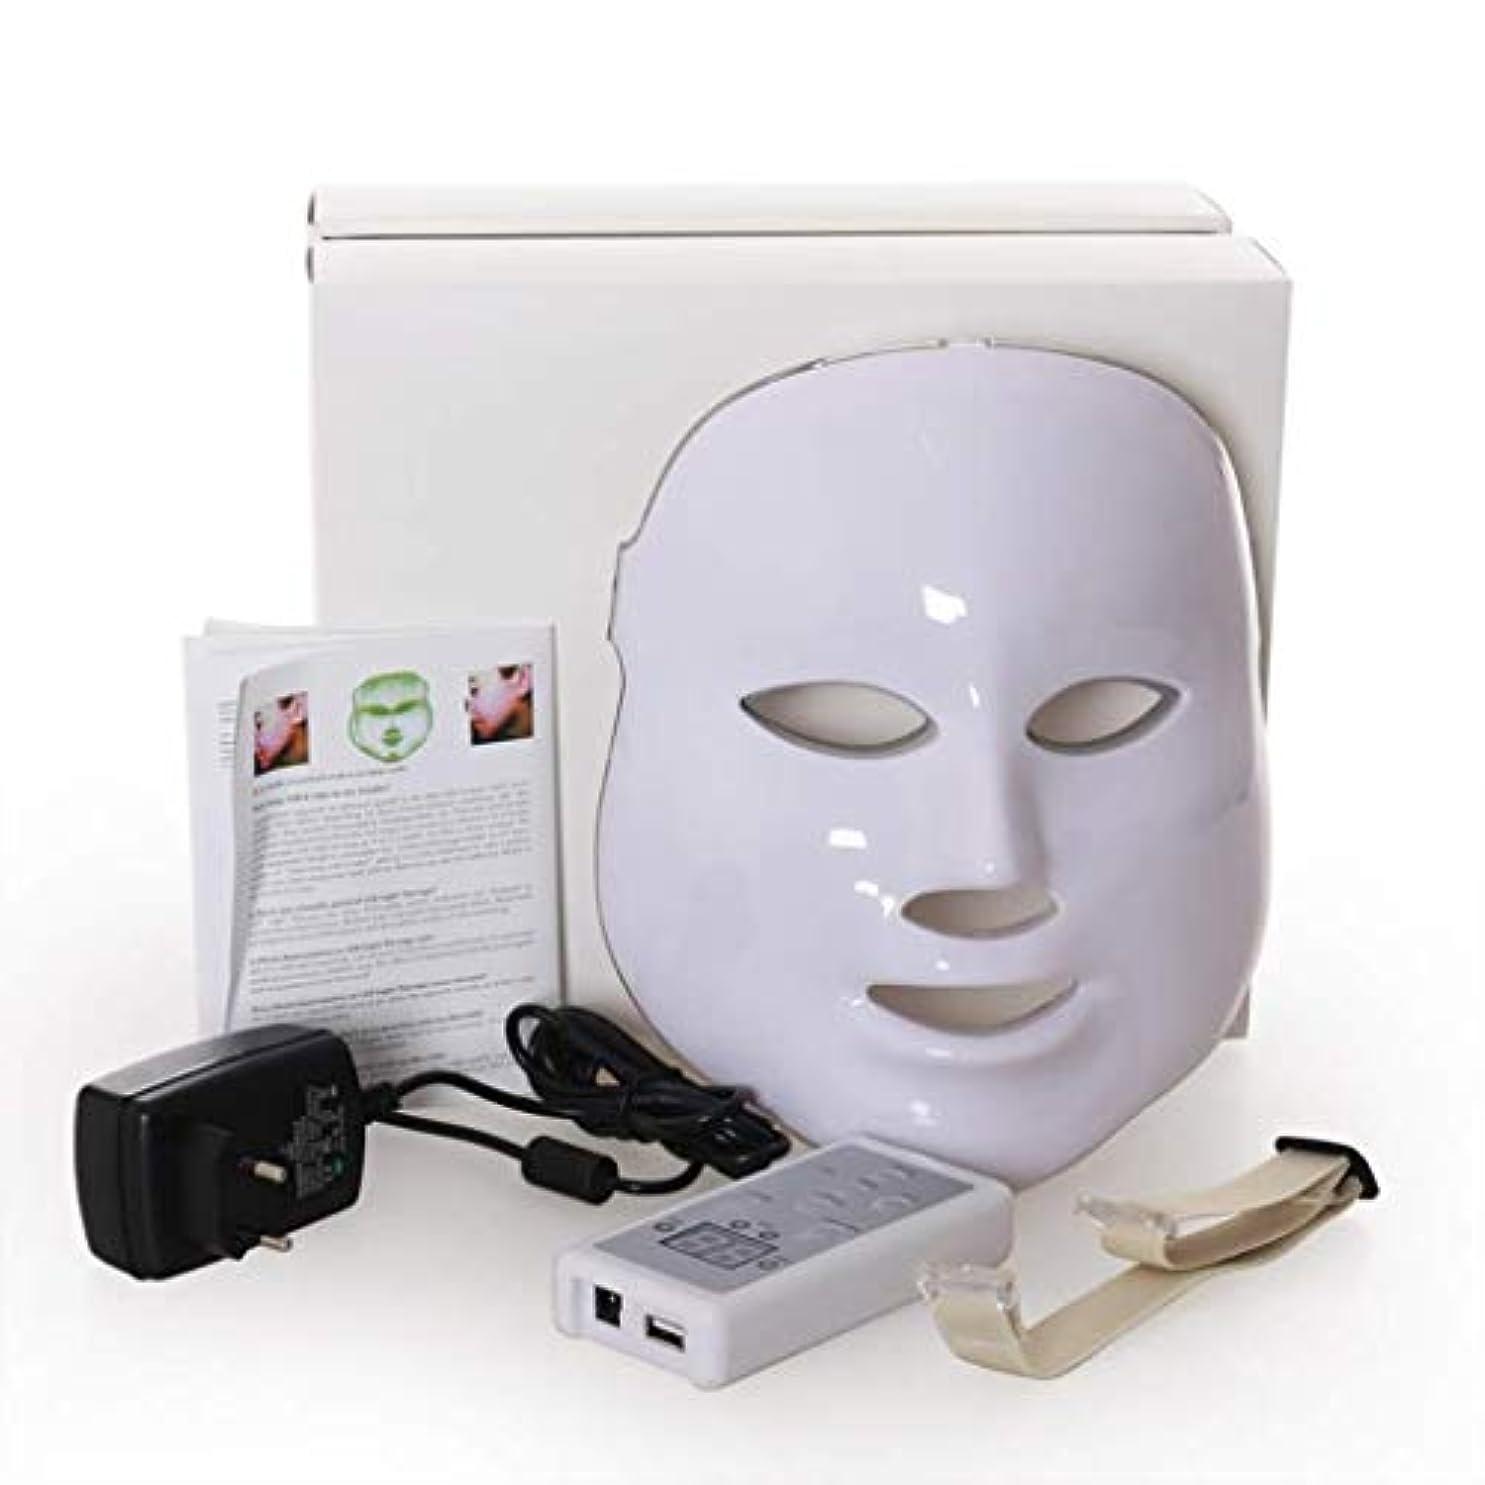 化学者おんどり軽蔑するフェイシャルビューティーインストルメント、7色LED光線療法フェイシャルスキンマスク、しわ、ニキビ、シミ、肌の若返りコラーゲン、アンチエイジングビューティーマスクを減らす